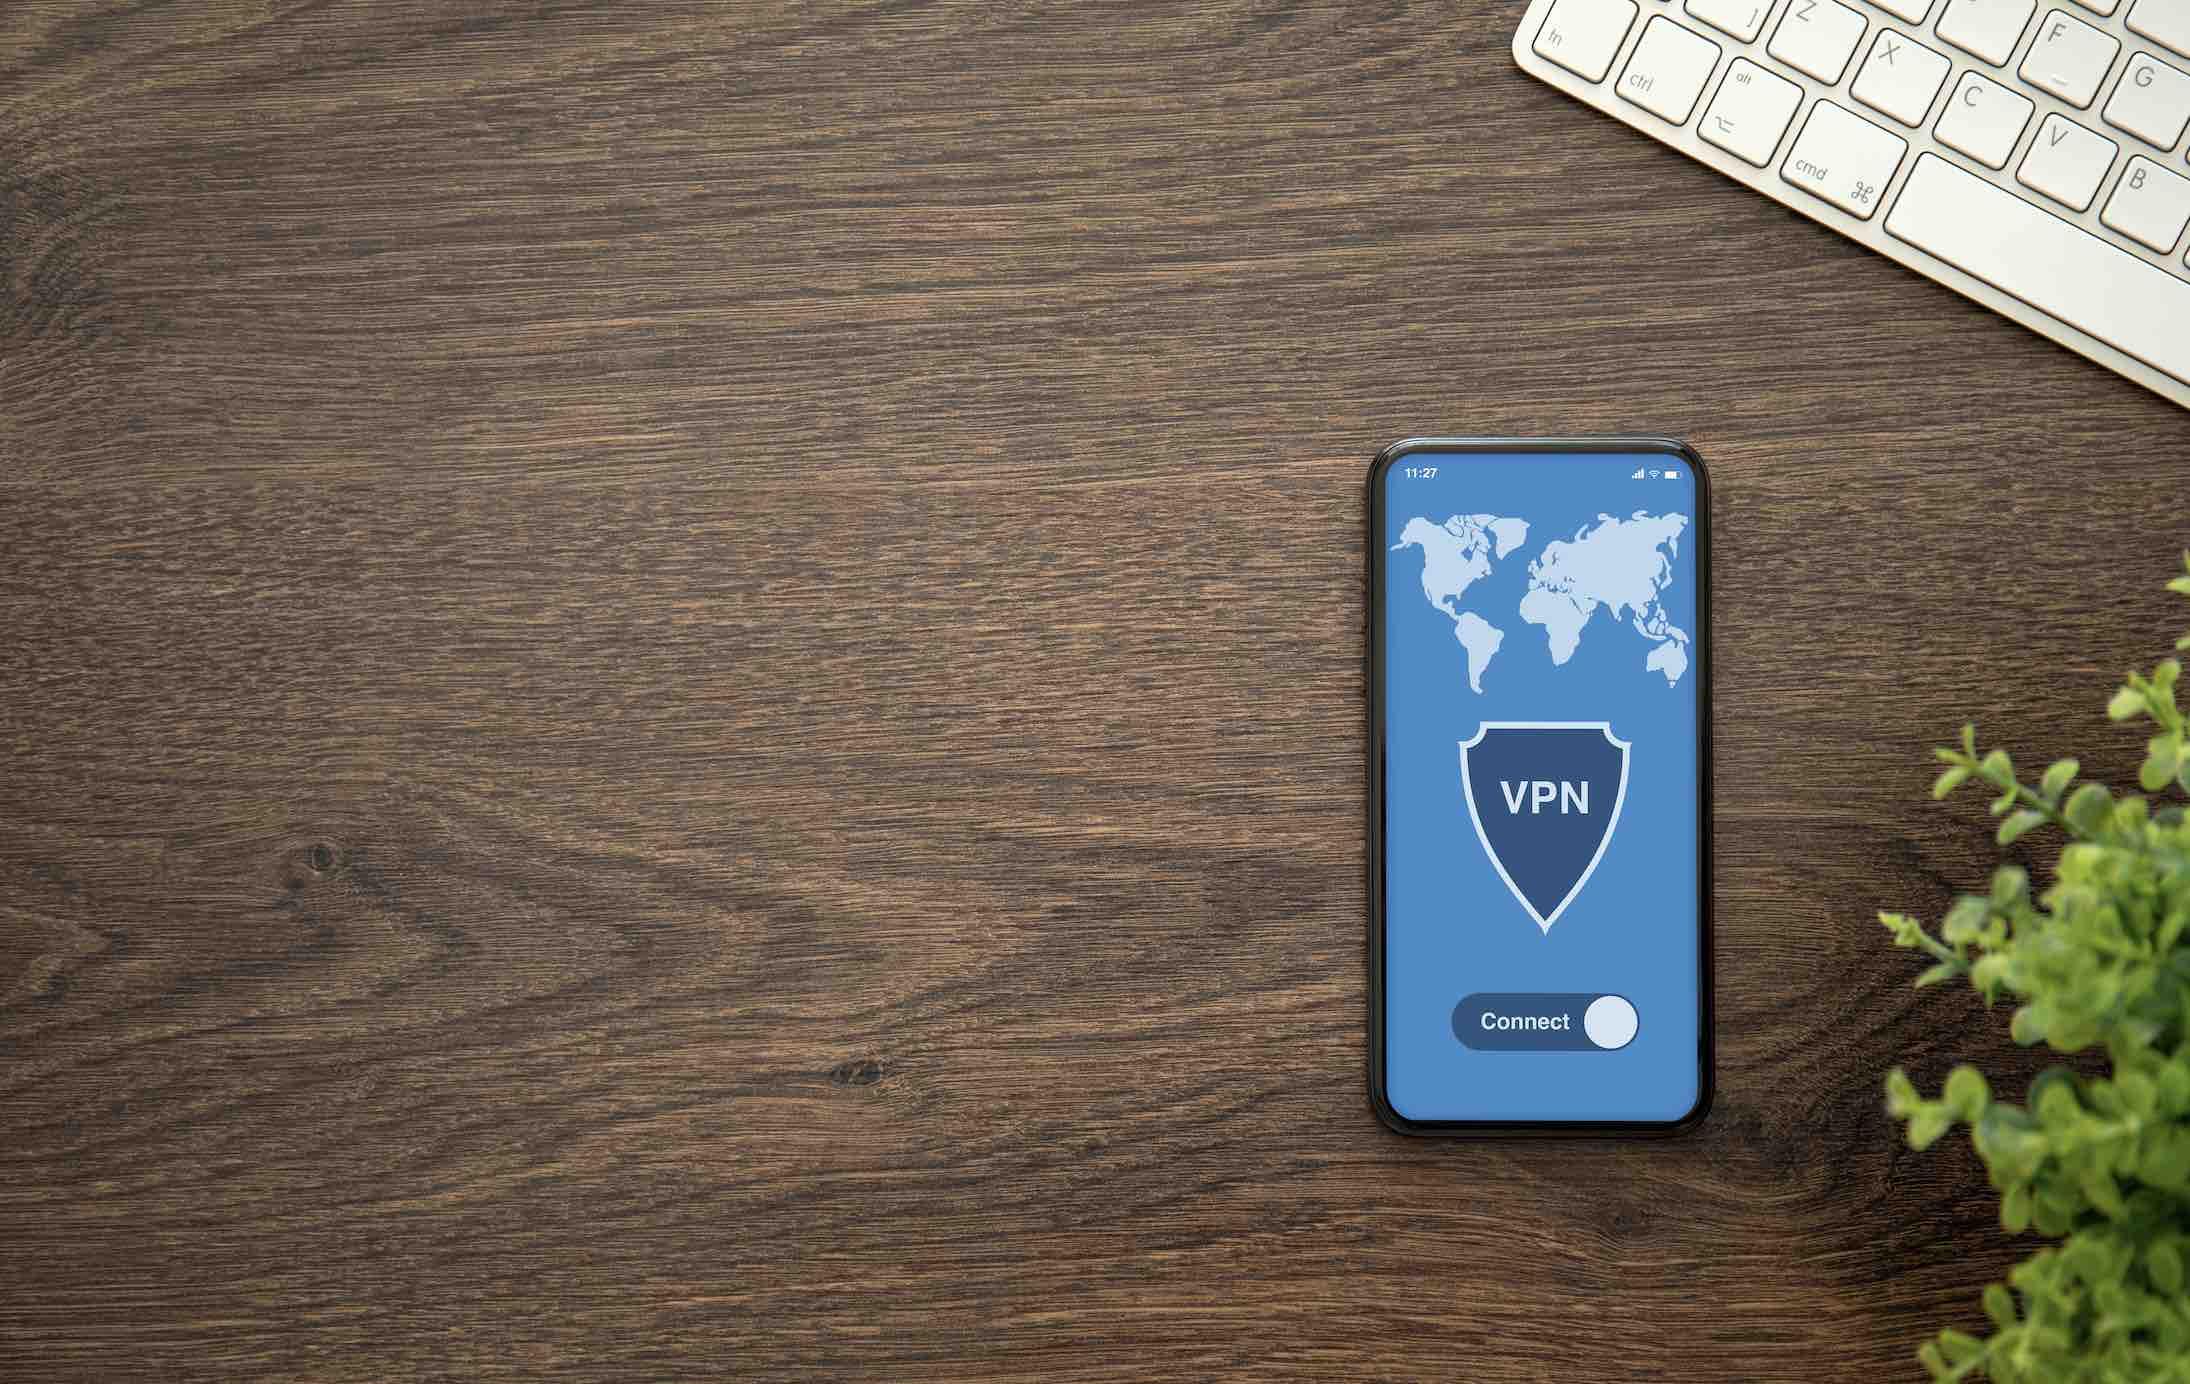 VPN marketing trong doanh nghiệp điều bạn cần biết